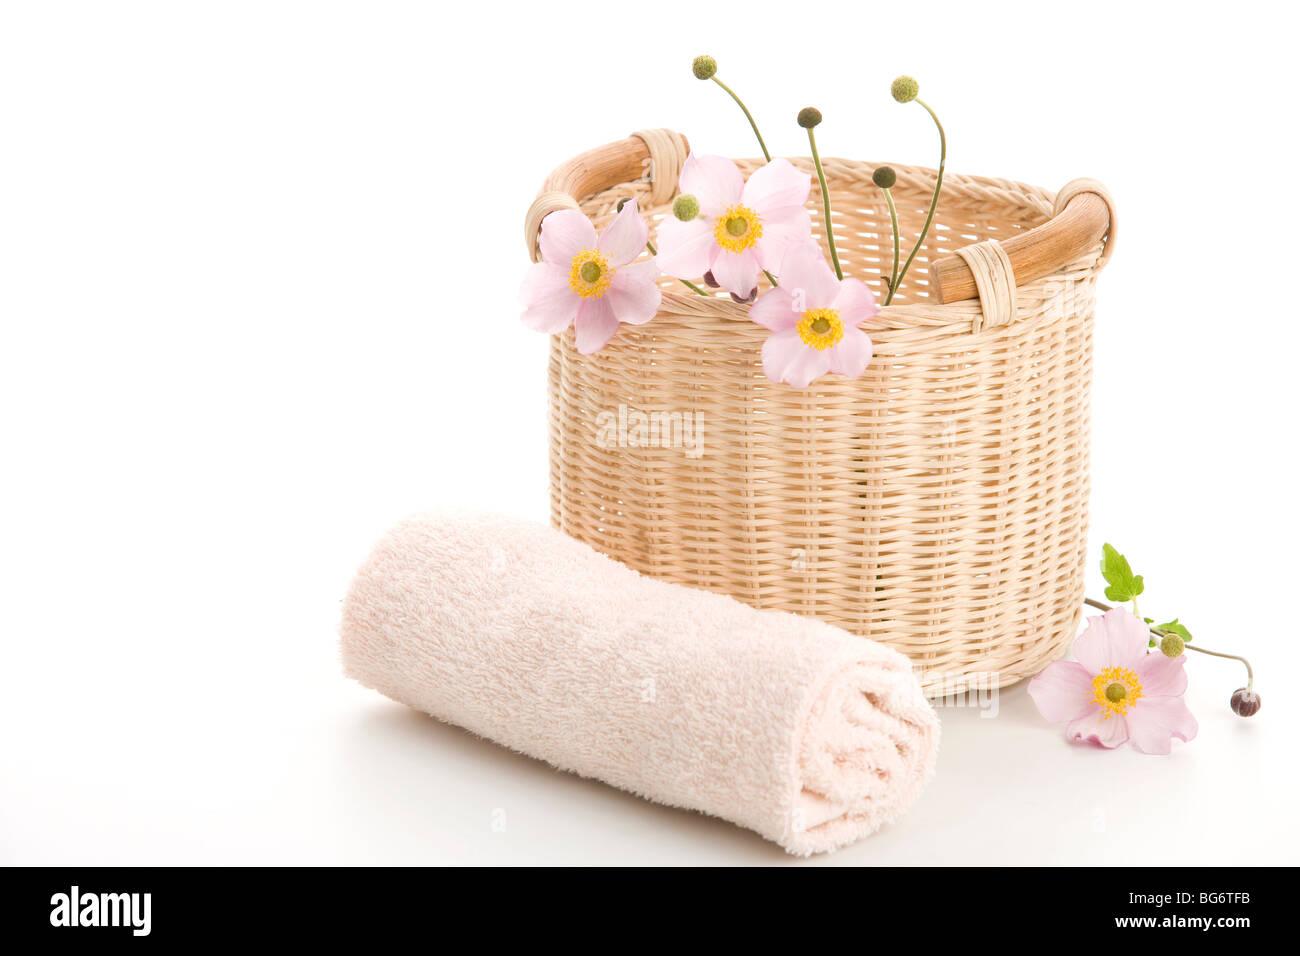 Geflochtenen Korb, gerollte Handtuch und Anemonen auf weißem Hintergrund Stockbild